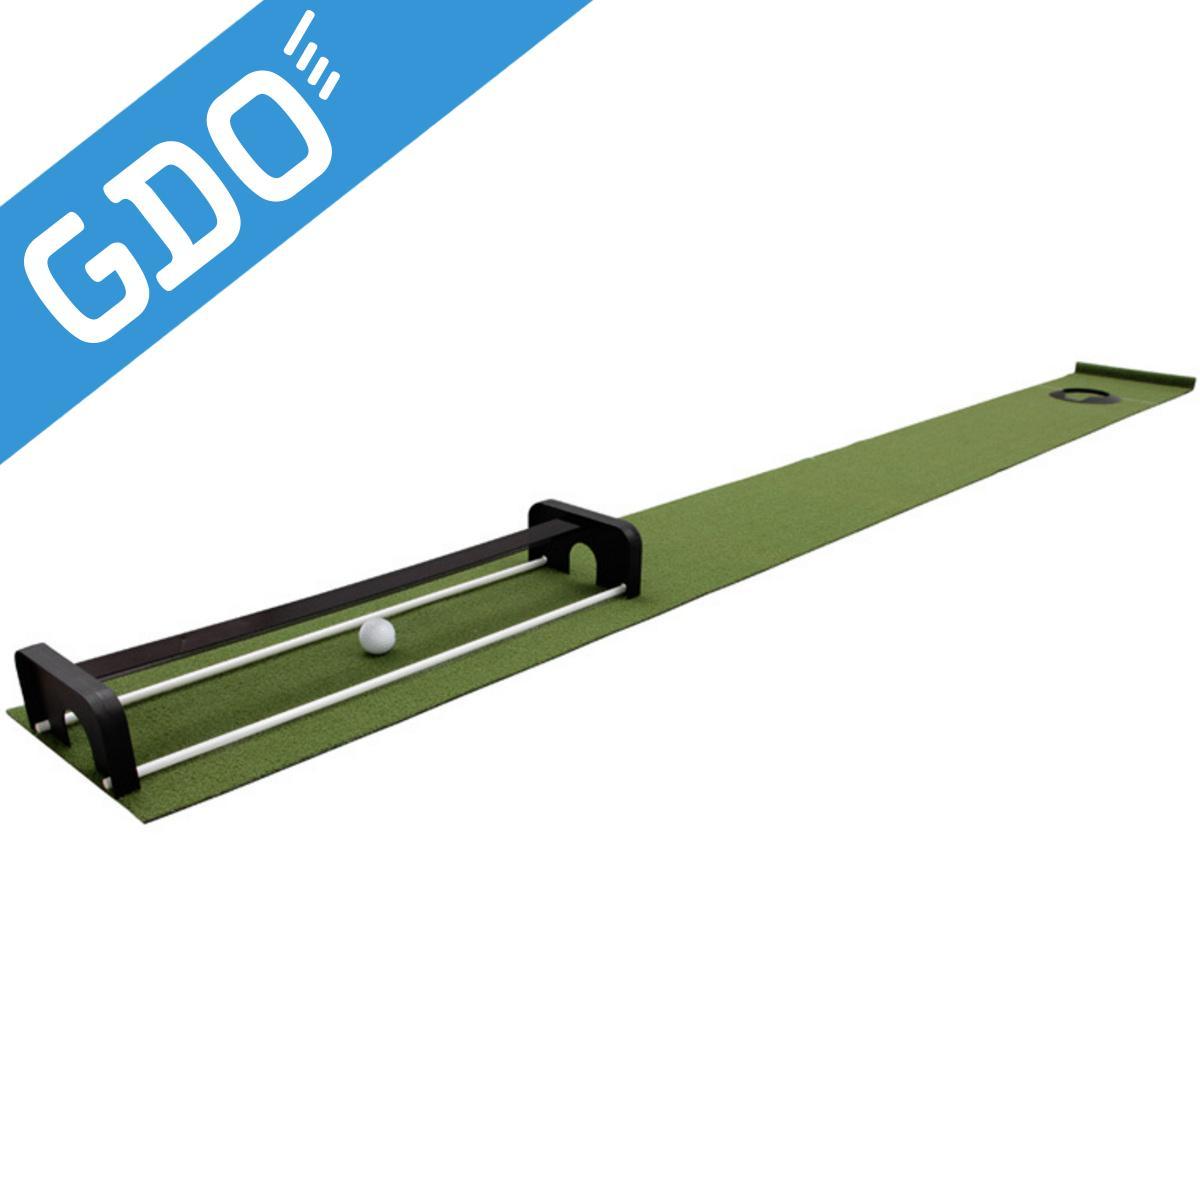 ゴルフ トレーニング用具 GDO 授与 配送員設置送料無料 GOLF ソーコー ST-001 ワンピンマスターセット